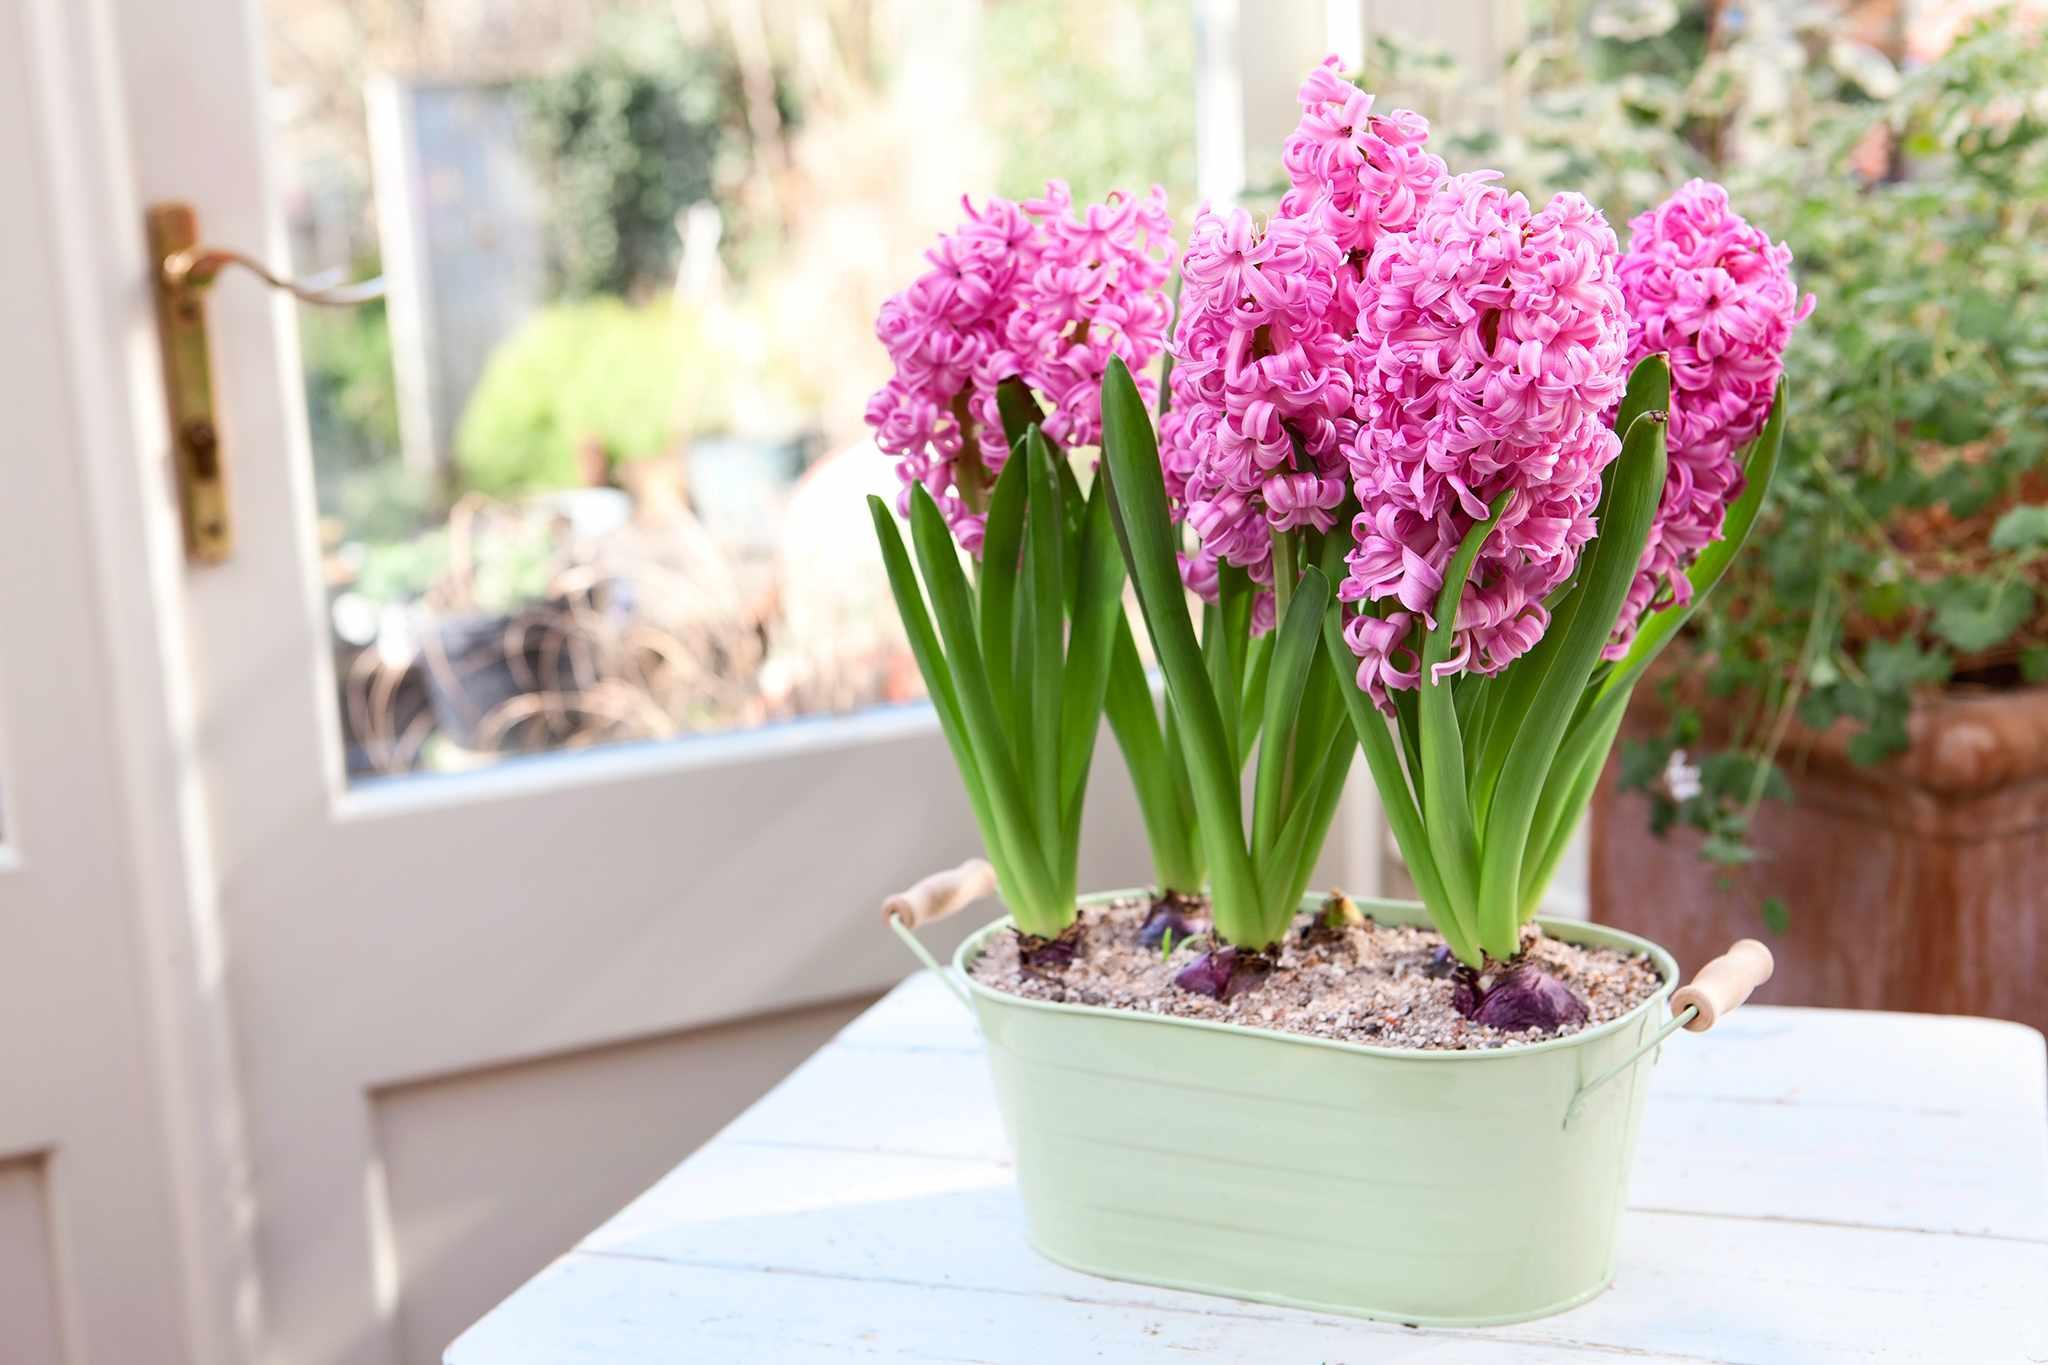 Pink hyacinths growing indoors